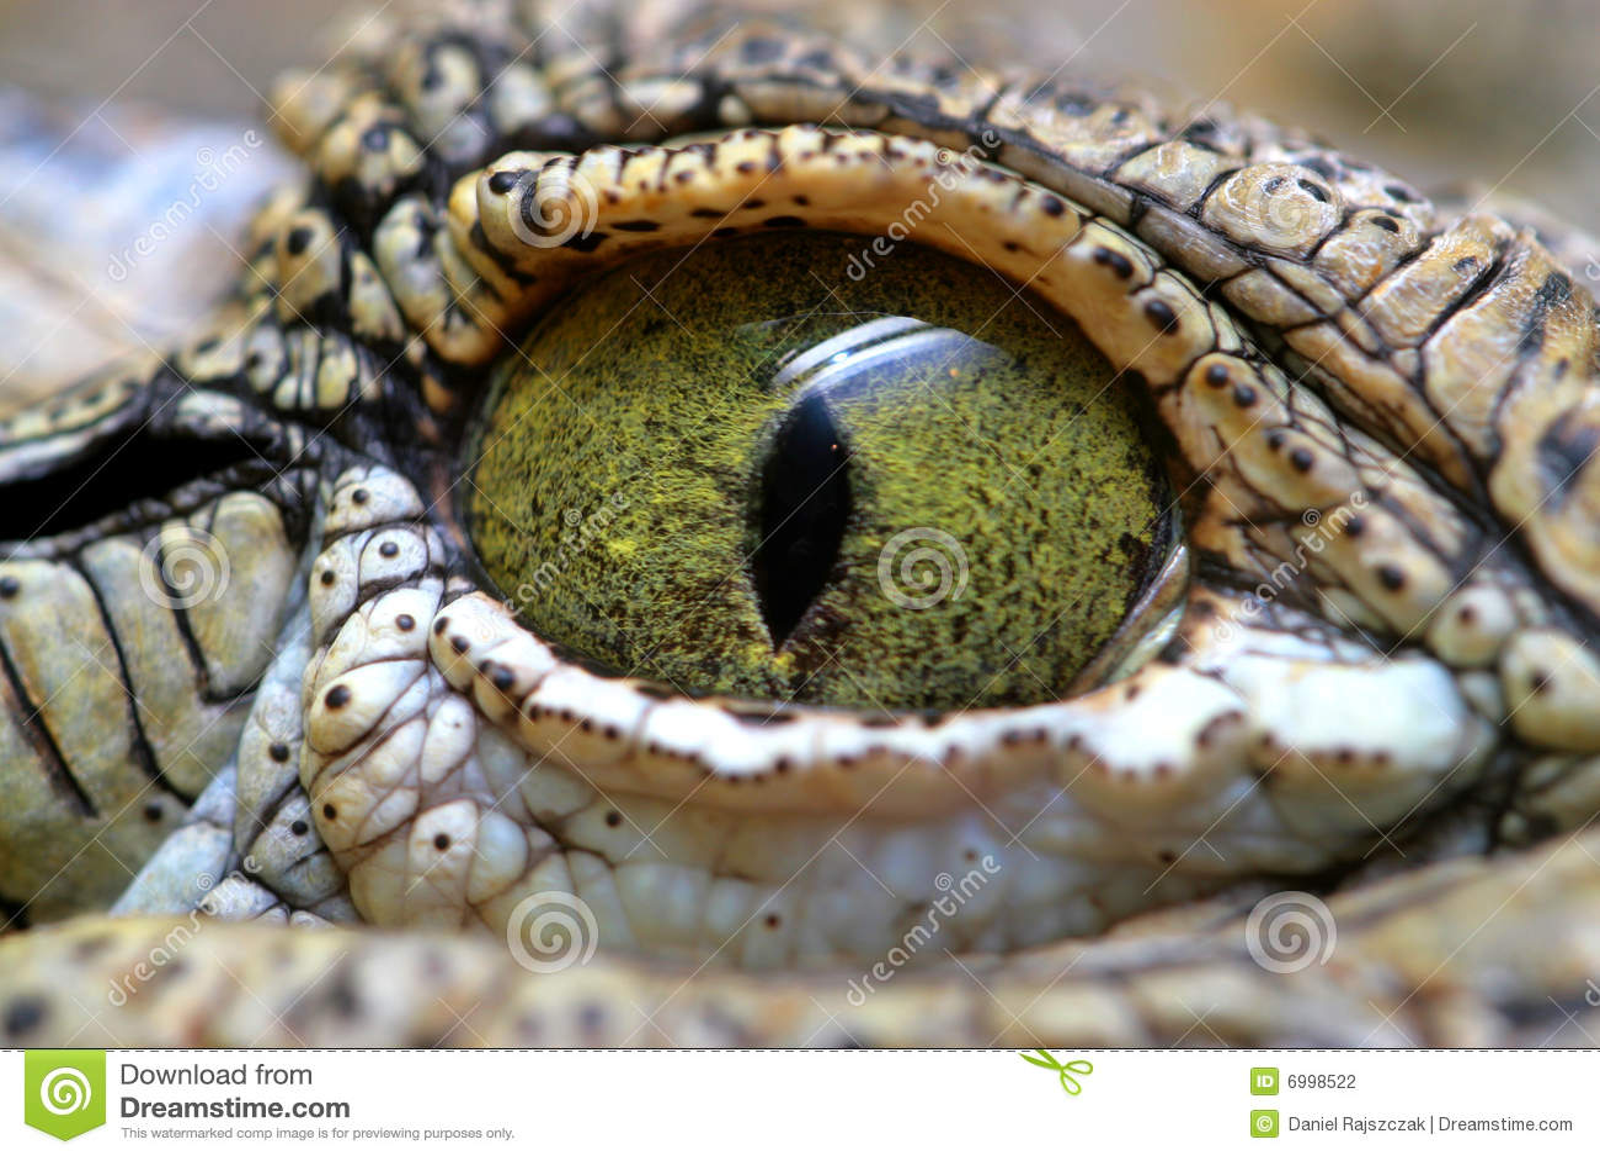 Oog van de krokodil